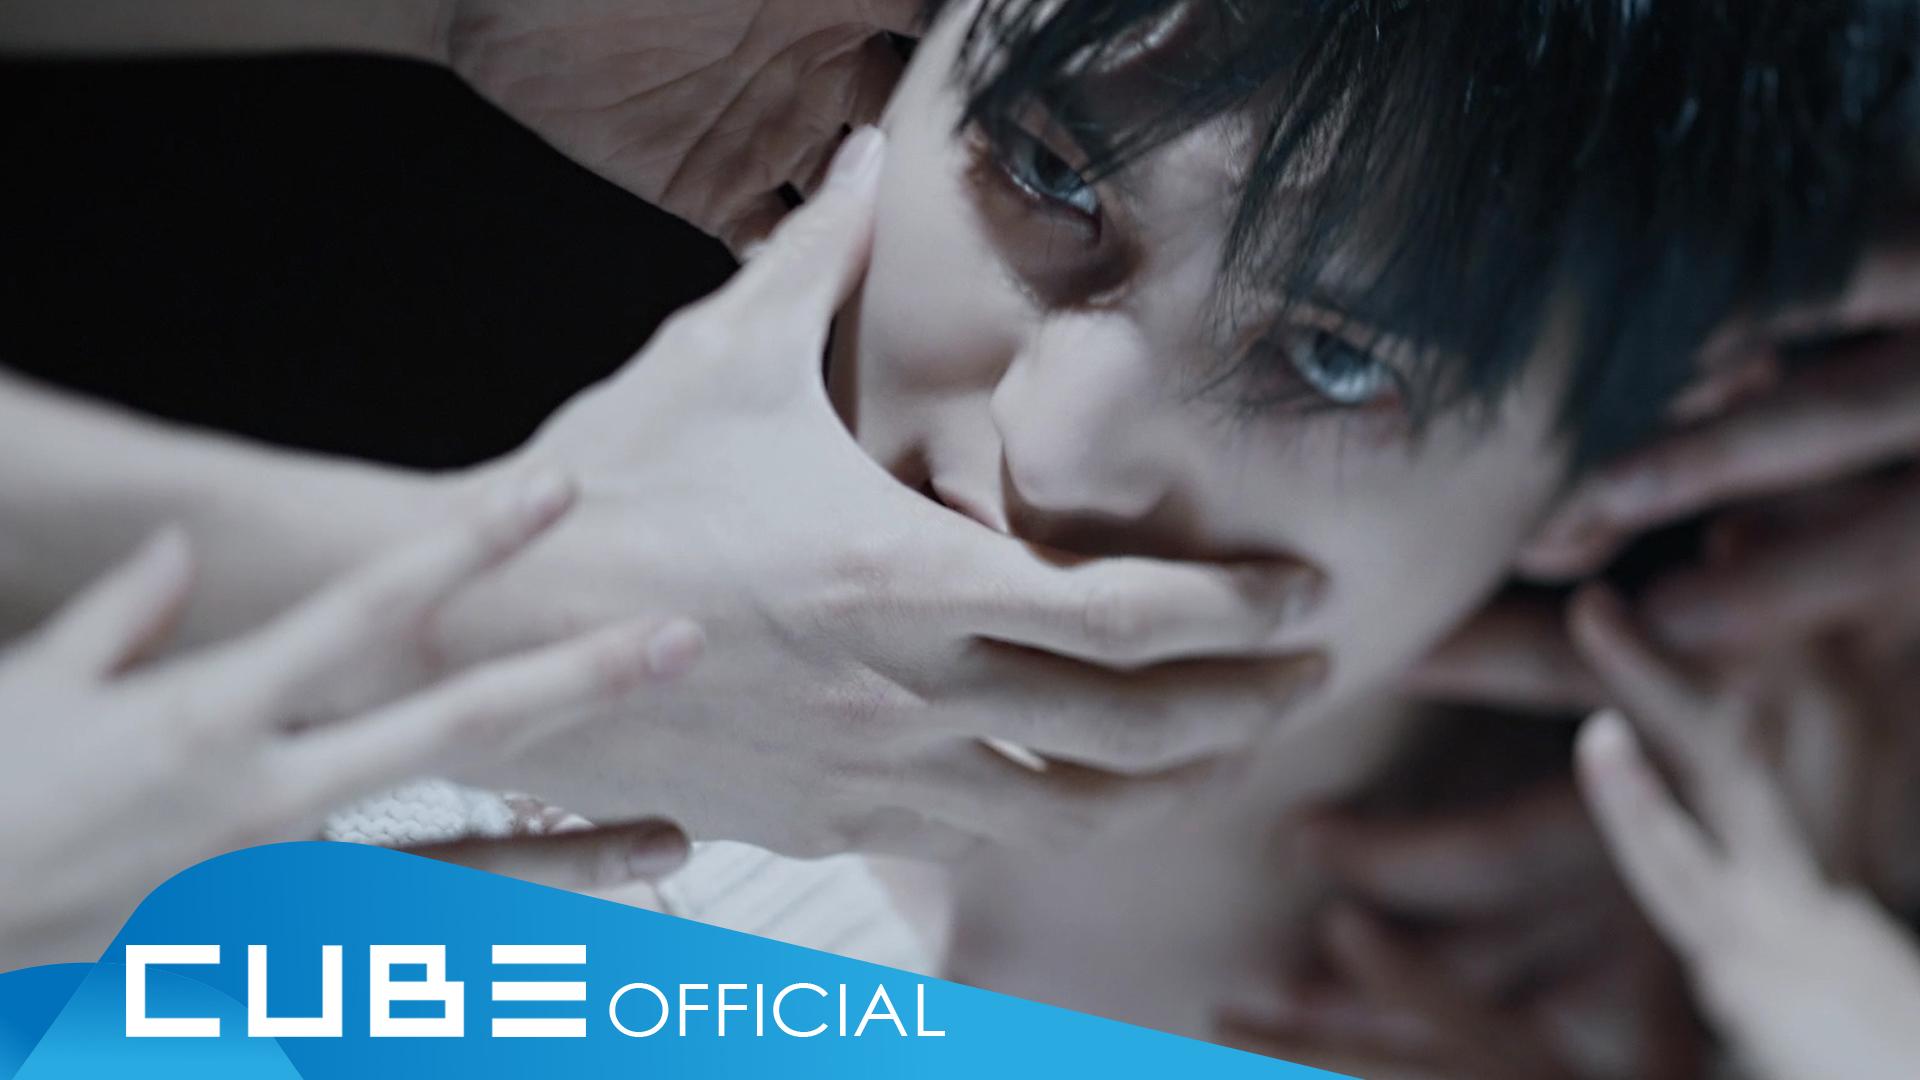 펜타곤 - 'Dr. 베베(Dr. BeBe)' Official Music Video